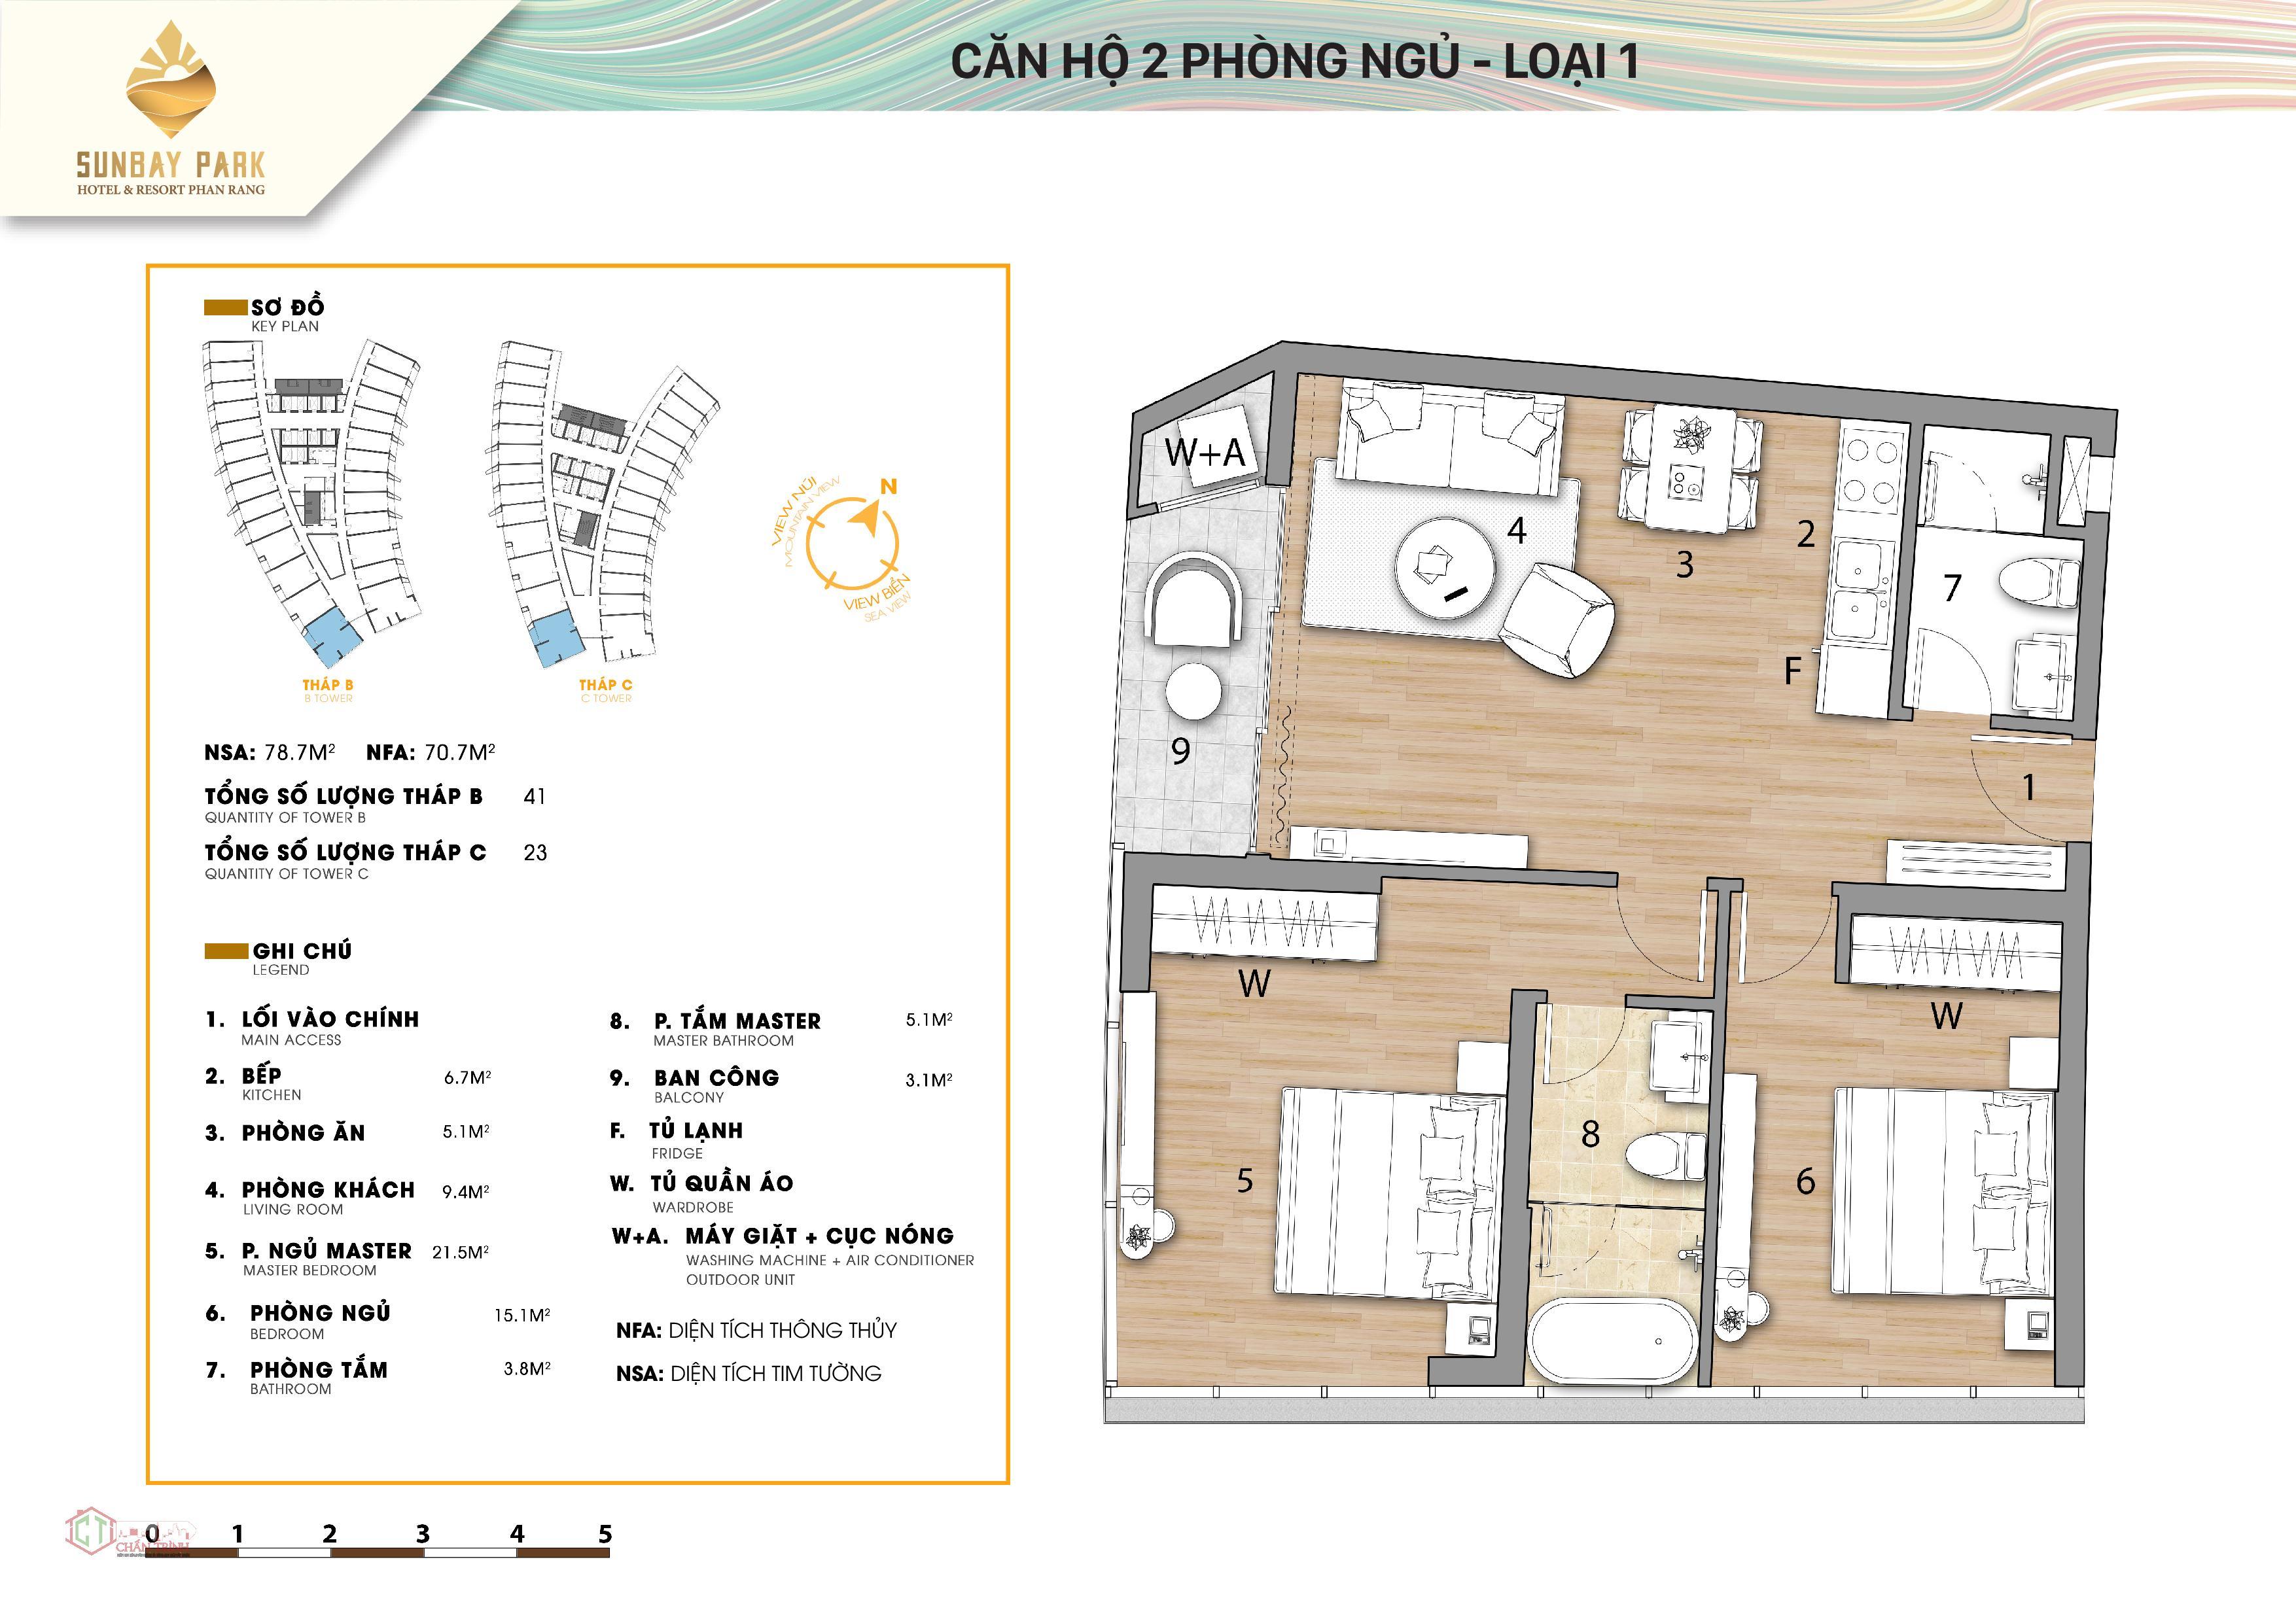 Thiết kế căn hộ 02 phòng loại 1 của 2 tháp B&C dự án Sunbay Park